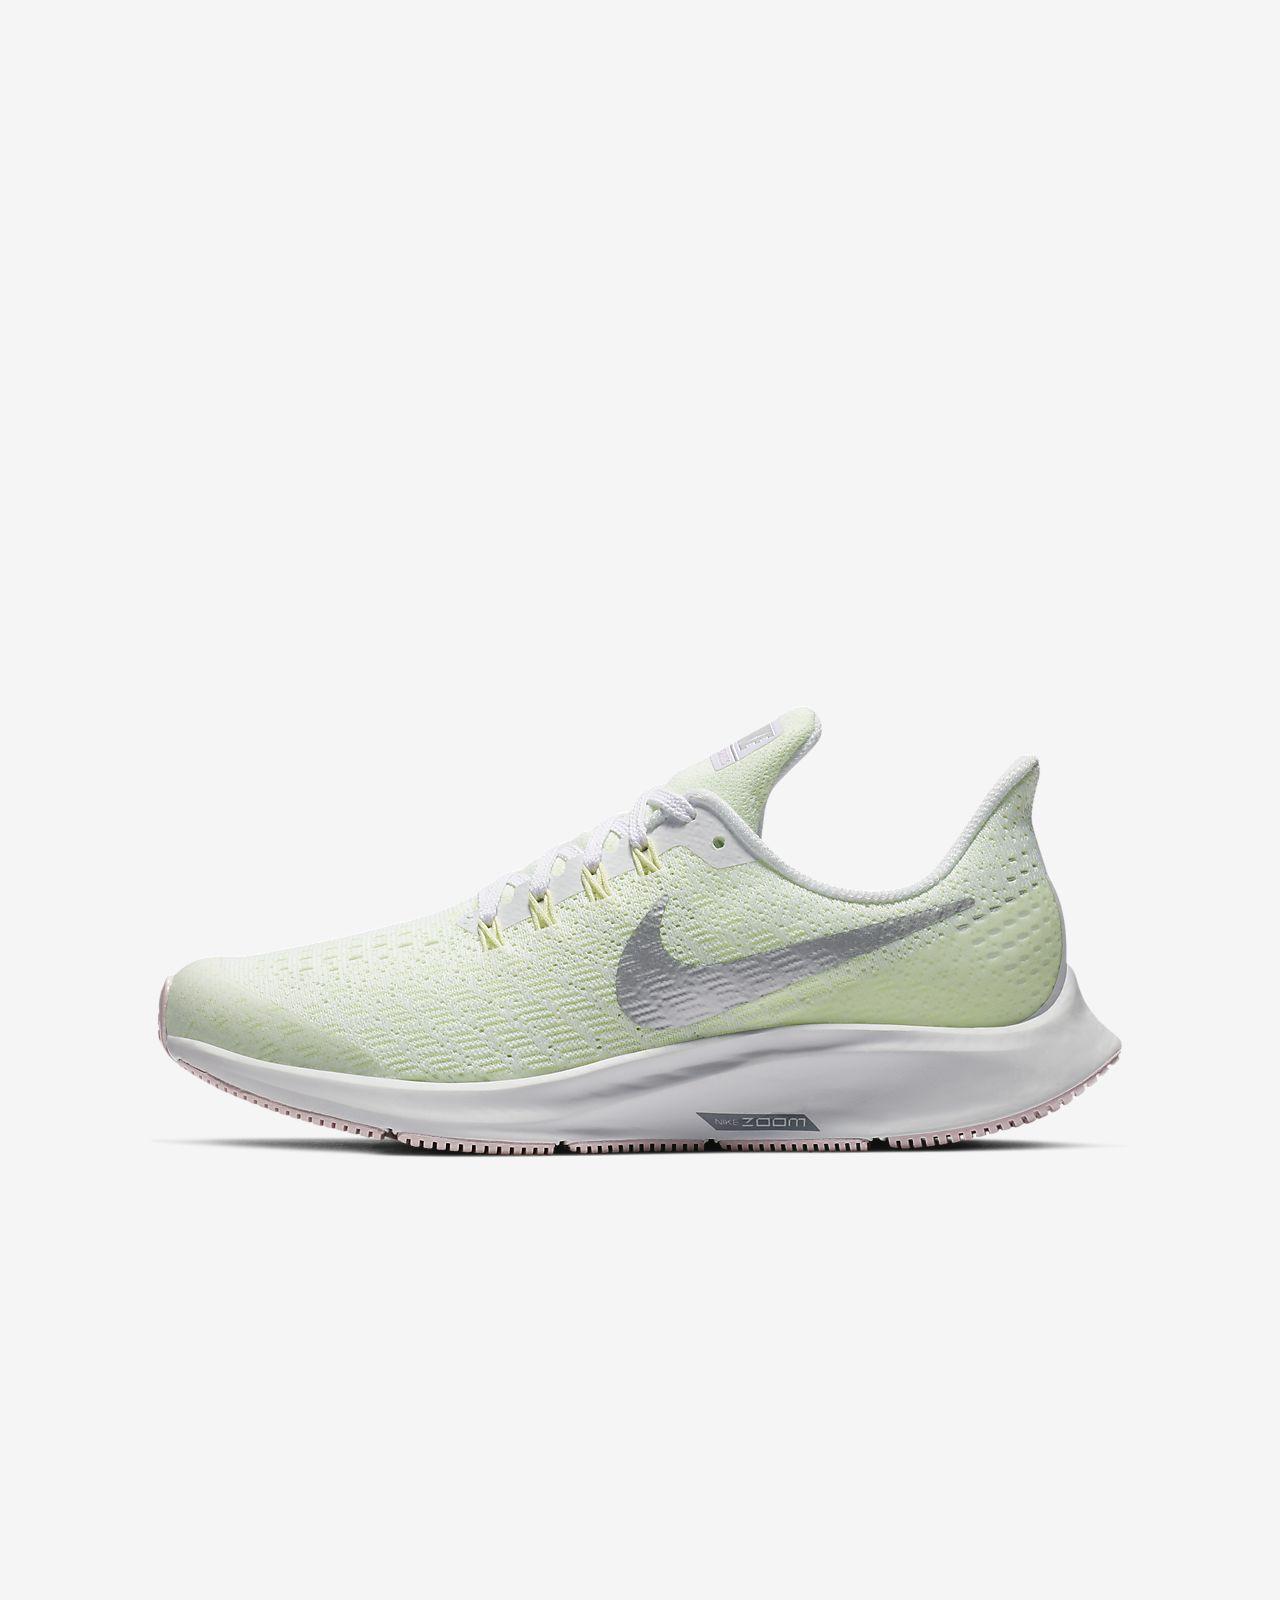 e05564eef75da ... Chaussure de running Nike Air Zoom Pegasus 35 pour Jeune enfant Enfant  plus âgé